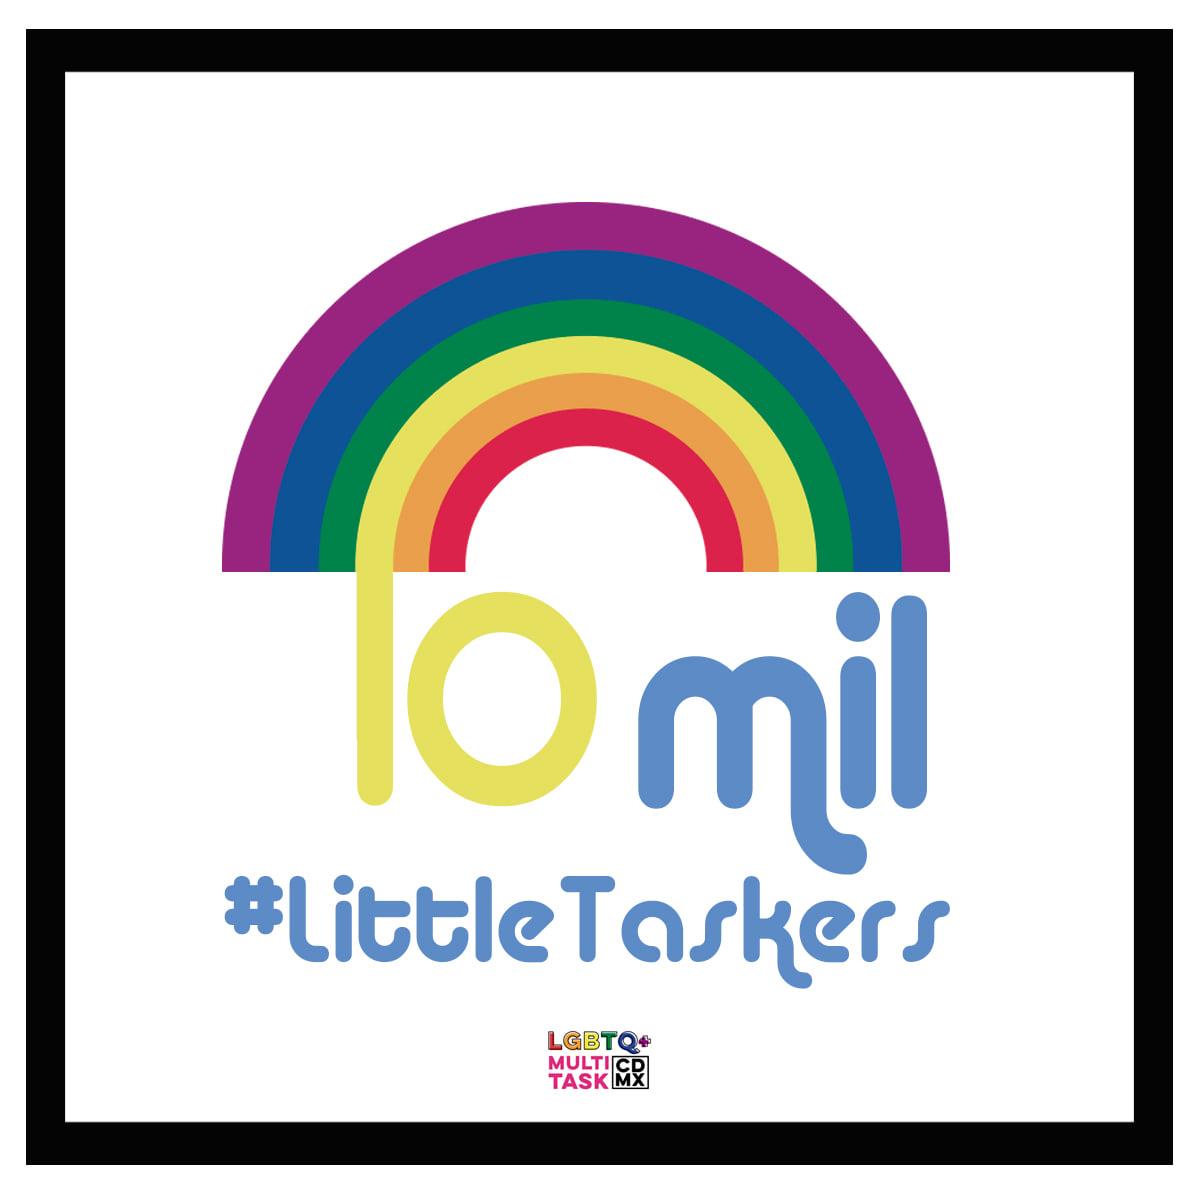 Little Taskers